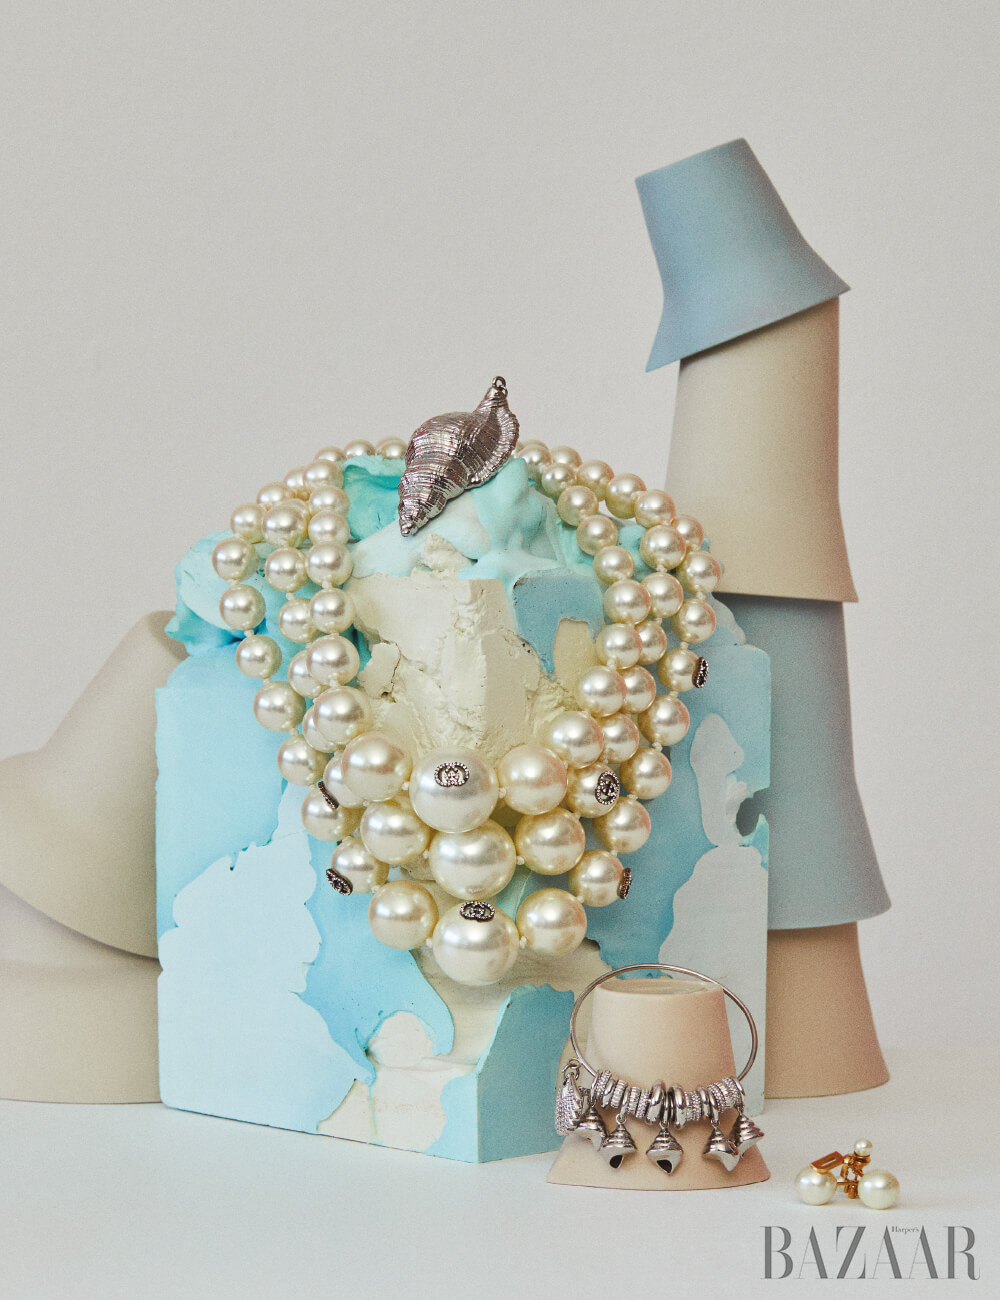 목걸이는 4백20만원 Gucci, 소라 모양 귀고리, 후프형 귀고리는 모두 Michael Kors Collection, 진주 귀고리는 Dior. 하늘색 석고 조형물은 이악크래프트 소장품, 쌓여있는 도자컵은 모두 이악크래프트 by Hpix.co.kr.